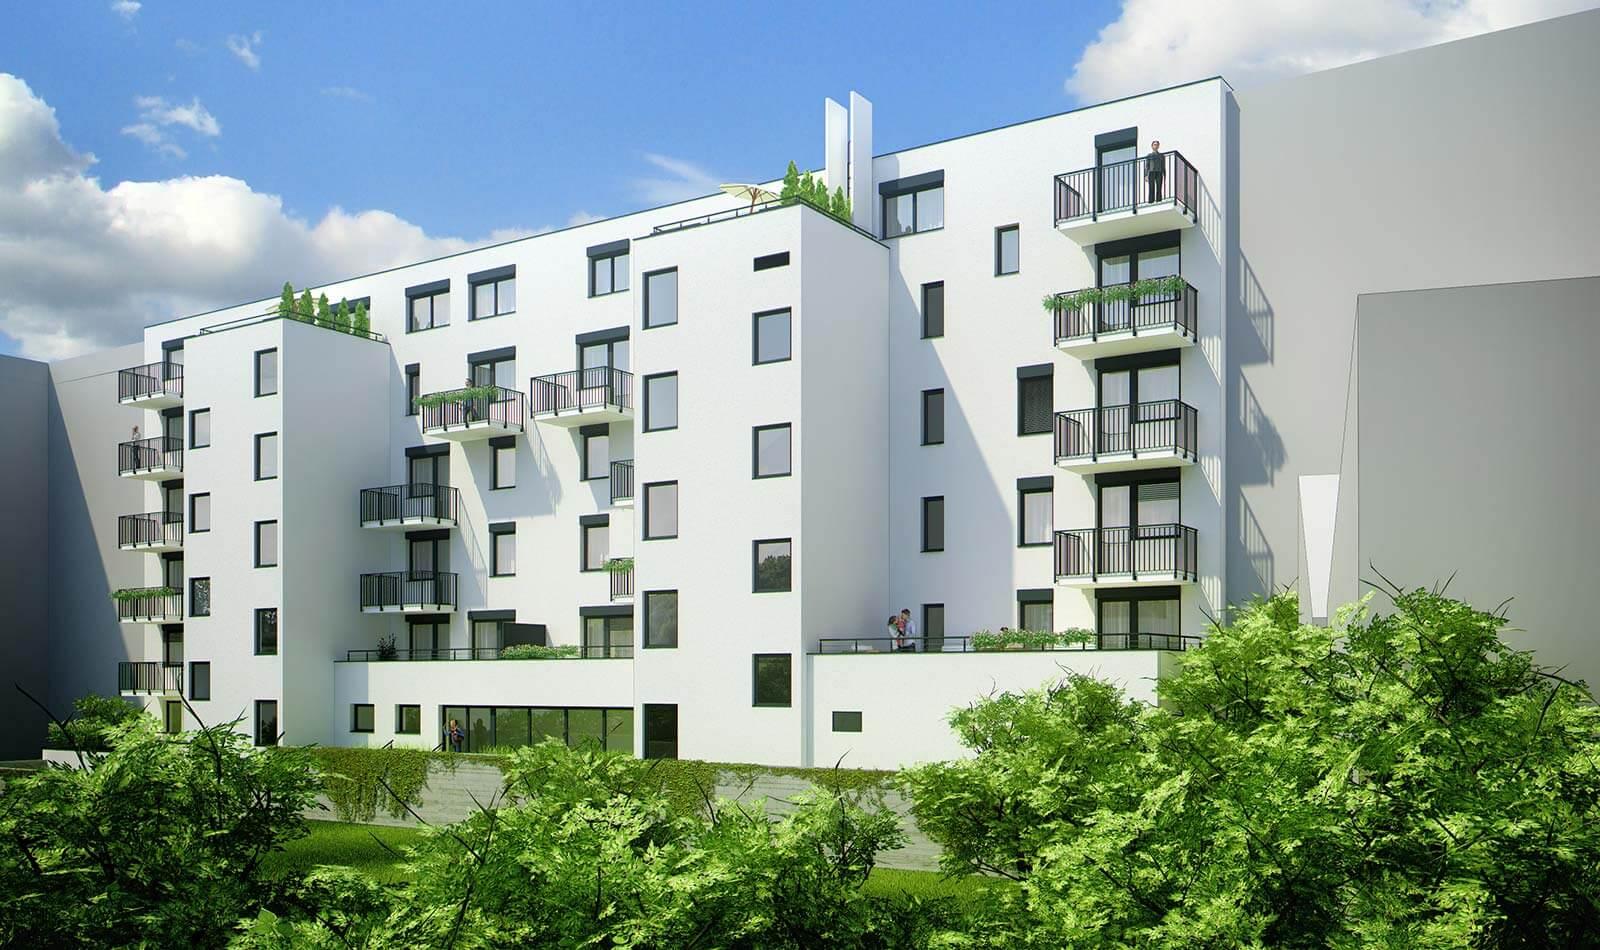 Predané: Novostavba posledný 1 izbový byt, širšie centrum v Bratislave, Beskydská ulica, 44,87m2, štandard, terasa 40m2-9